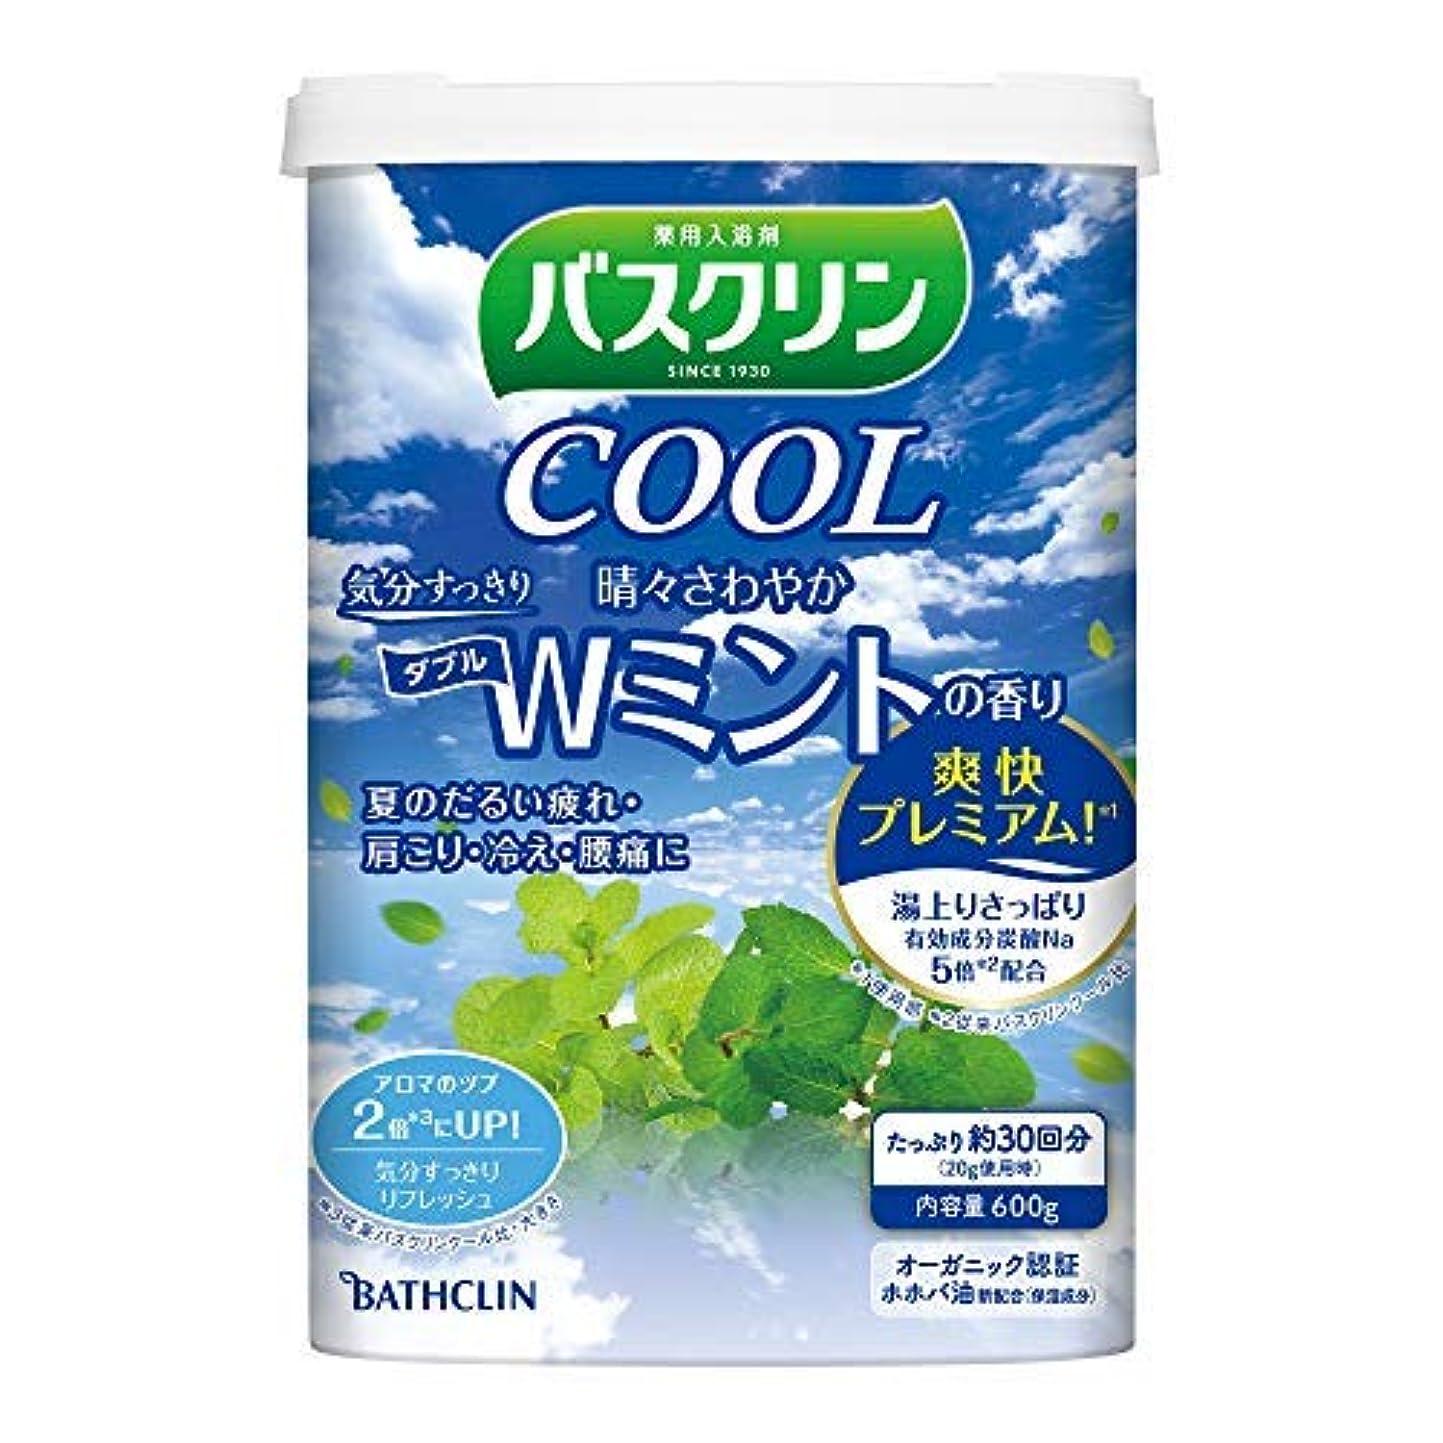 凍結たくさん直立バスクリンクール 晴々さわやかWミントの香り 600g × 2個セット